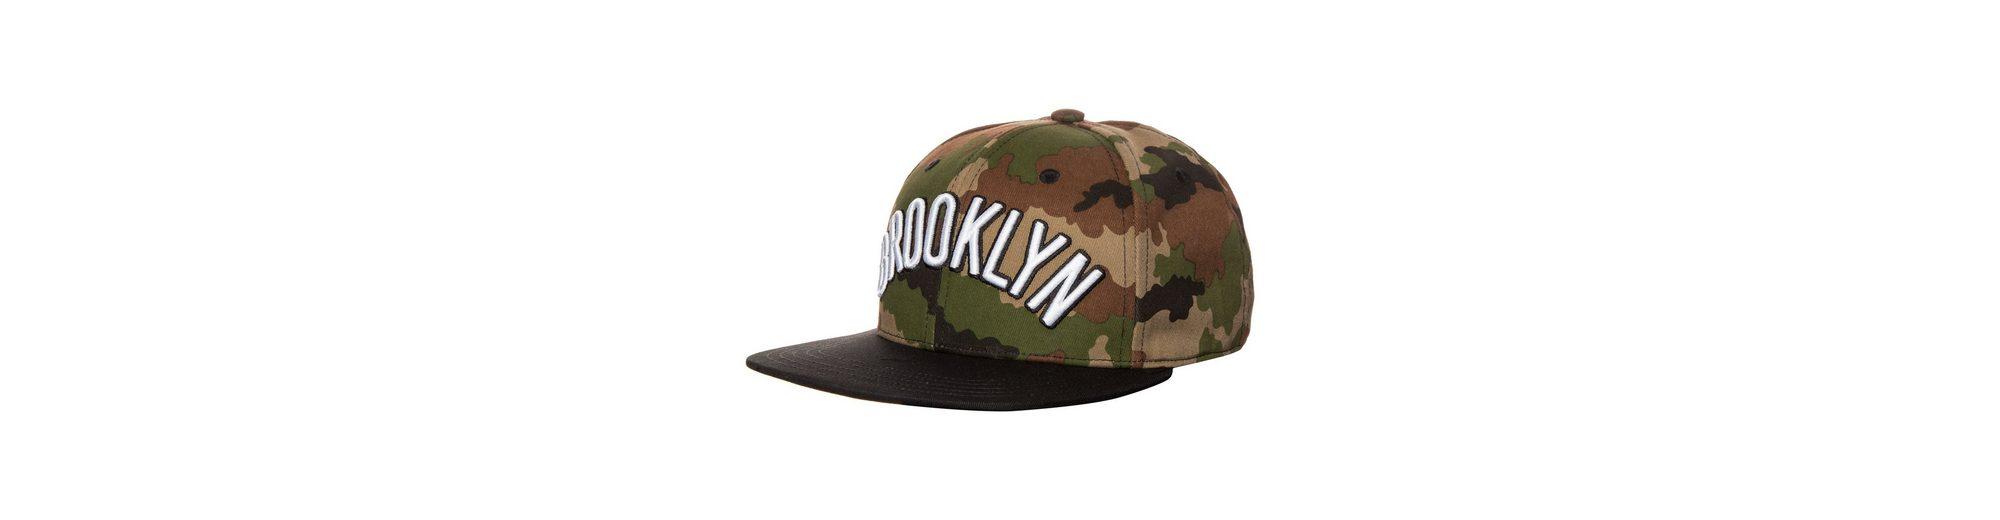 adidas Originals NBA Snapback Nets Cap